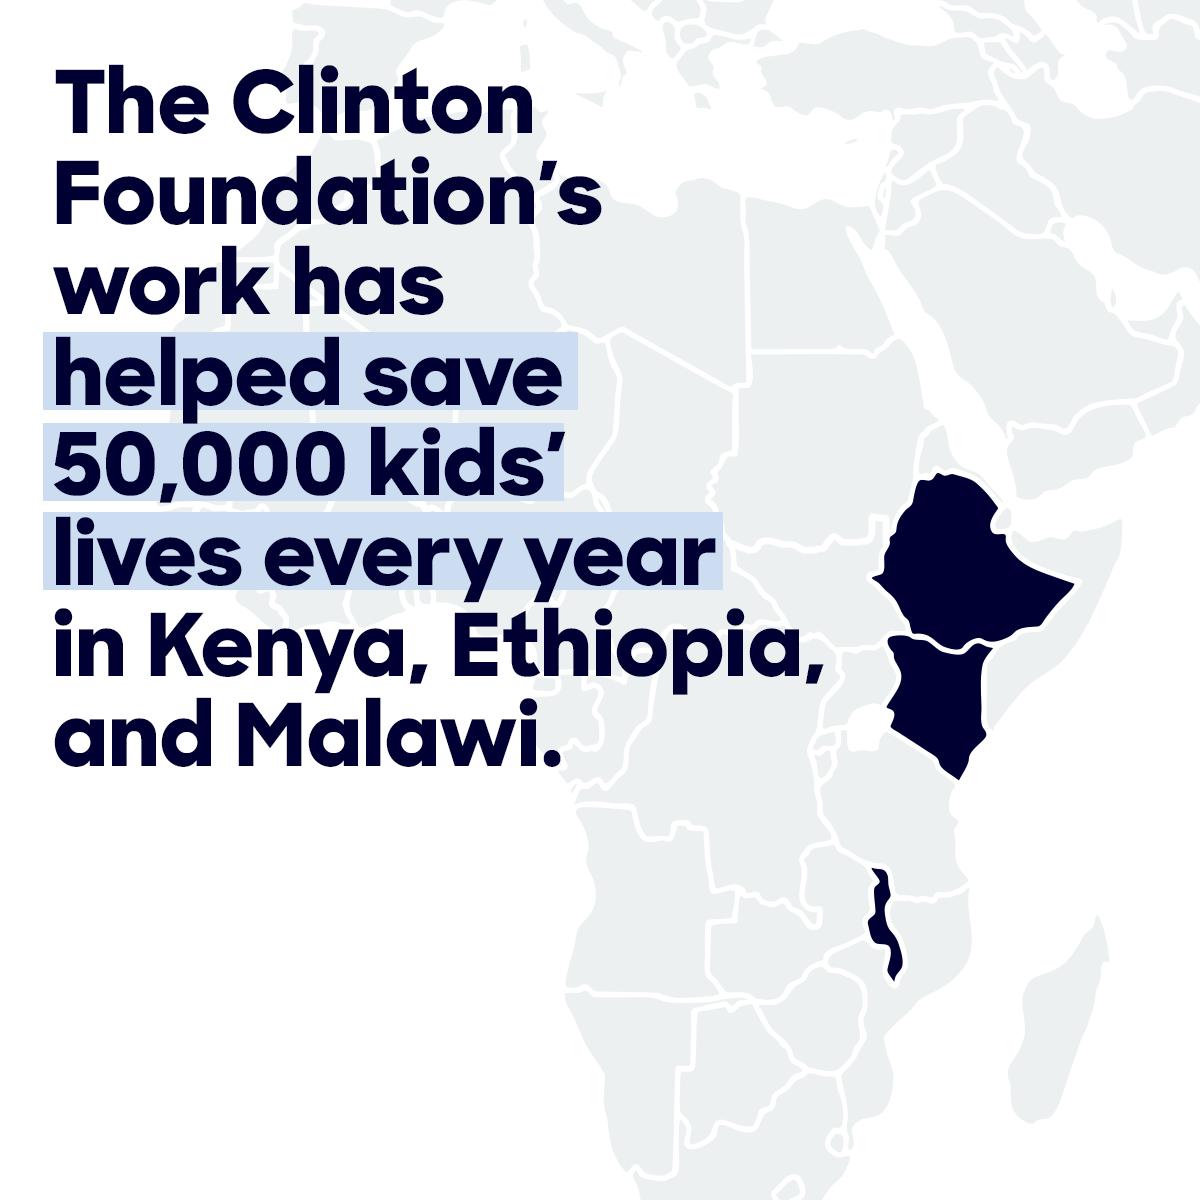 foundation-Clinton-prevent-deaths-fb-082516.png